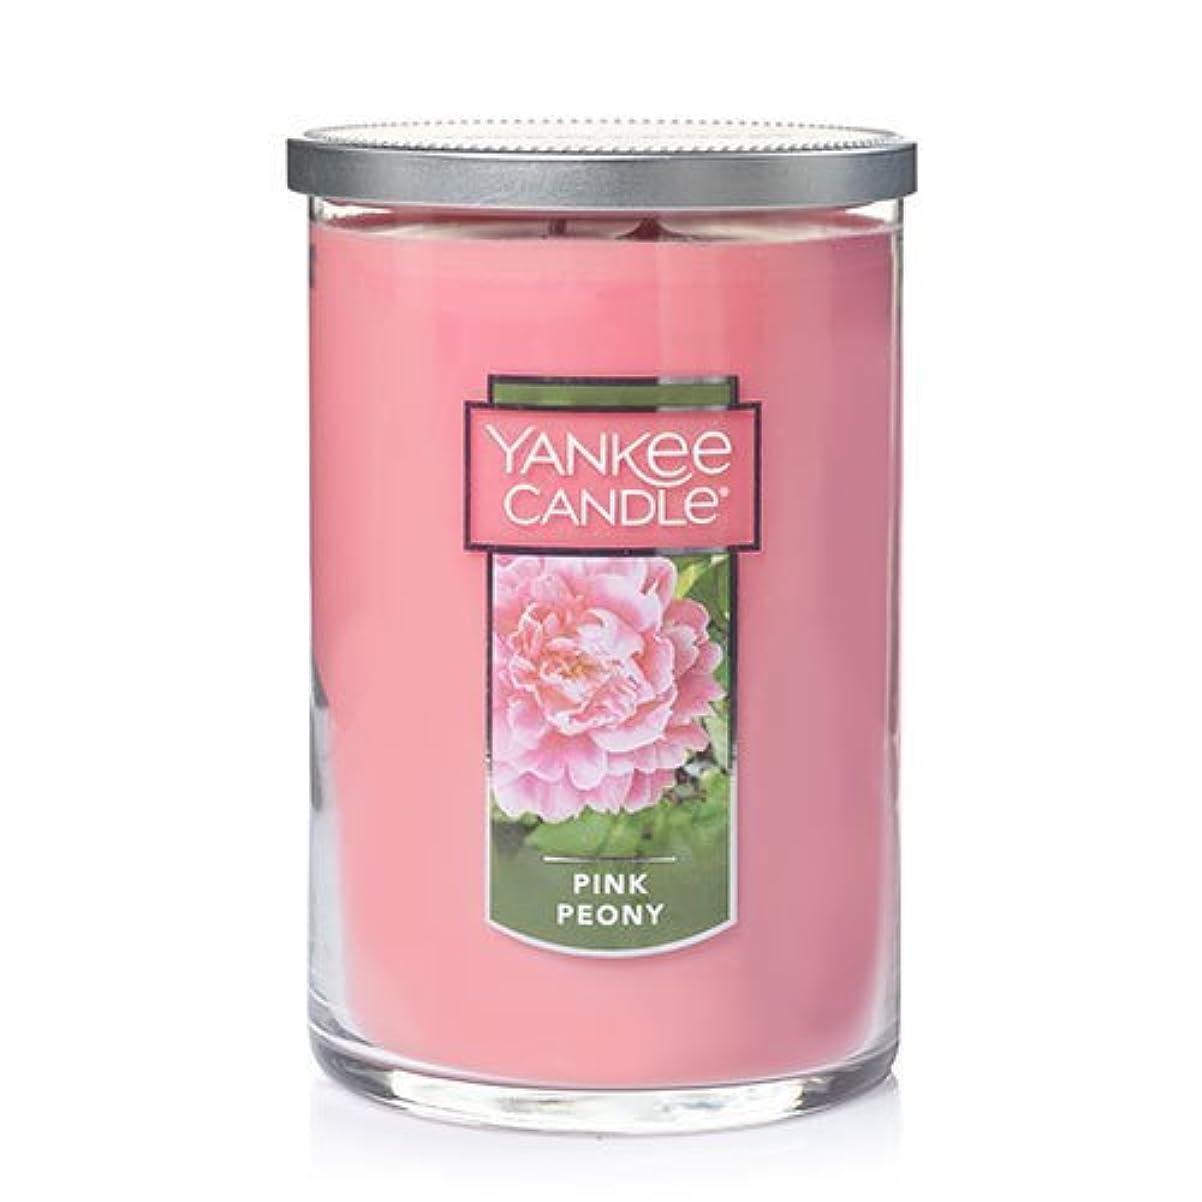 ラテンストラトフォードオンエイボン立ち向かうYankee Candle Companyピンク牡丹Large 2-wickタンブラーCandle , Food & Spice香り